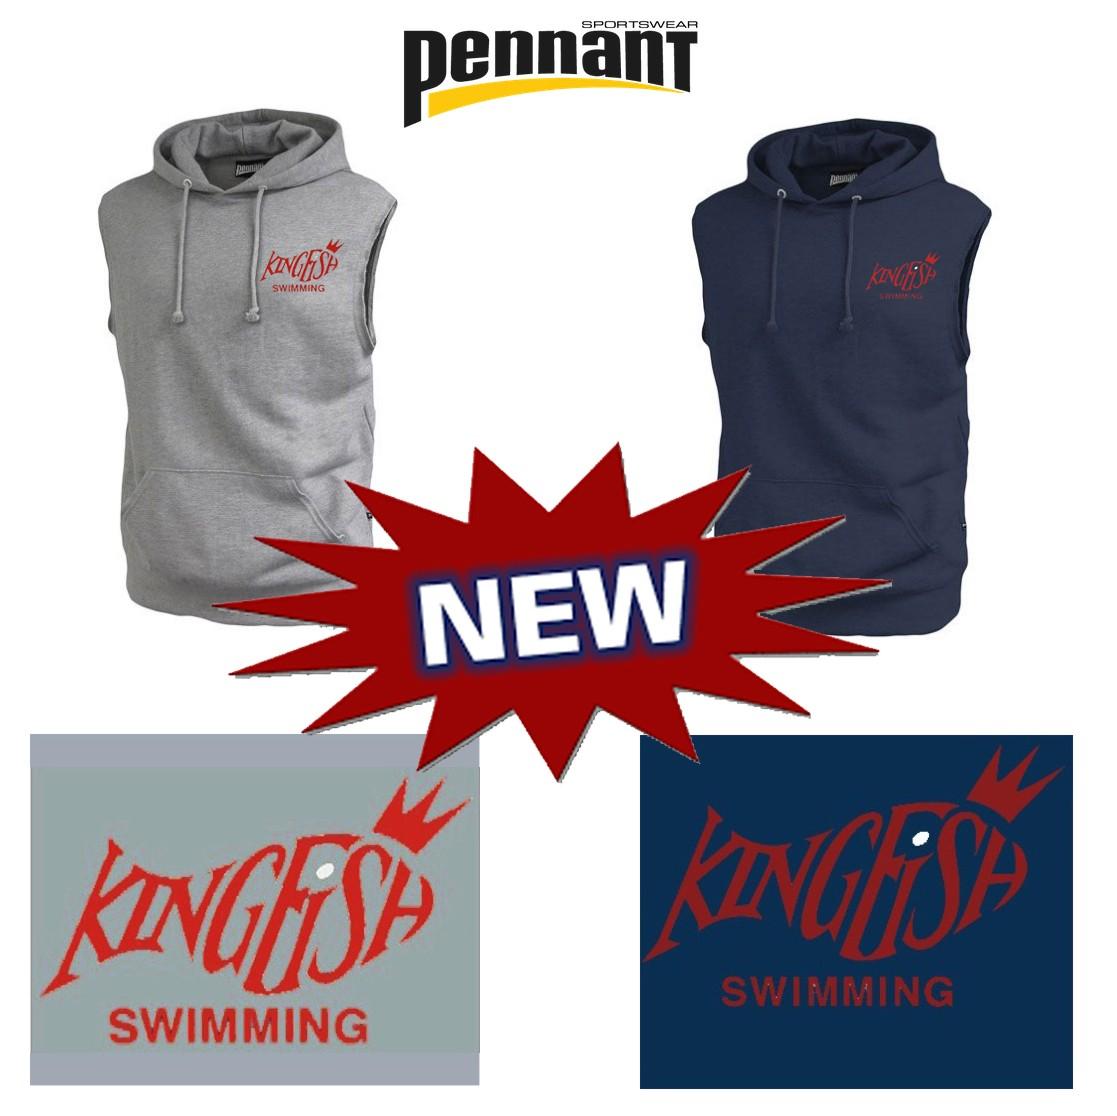 Kingfish Swim Team Pennant Sleeveless Hoodie Premium Deluxe Sleeveless Hoodie #8218- NEW!